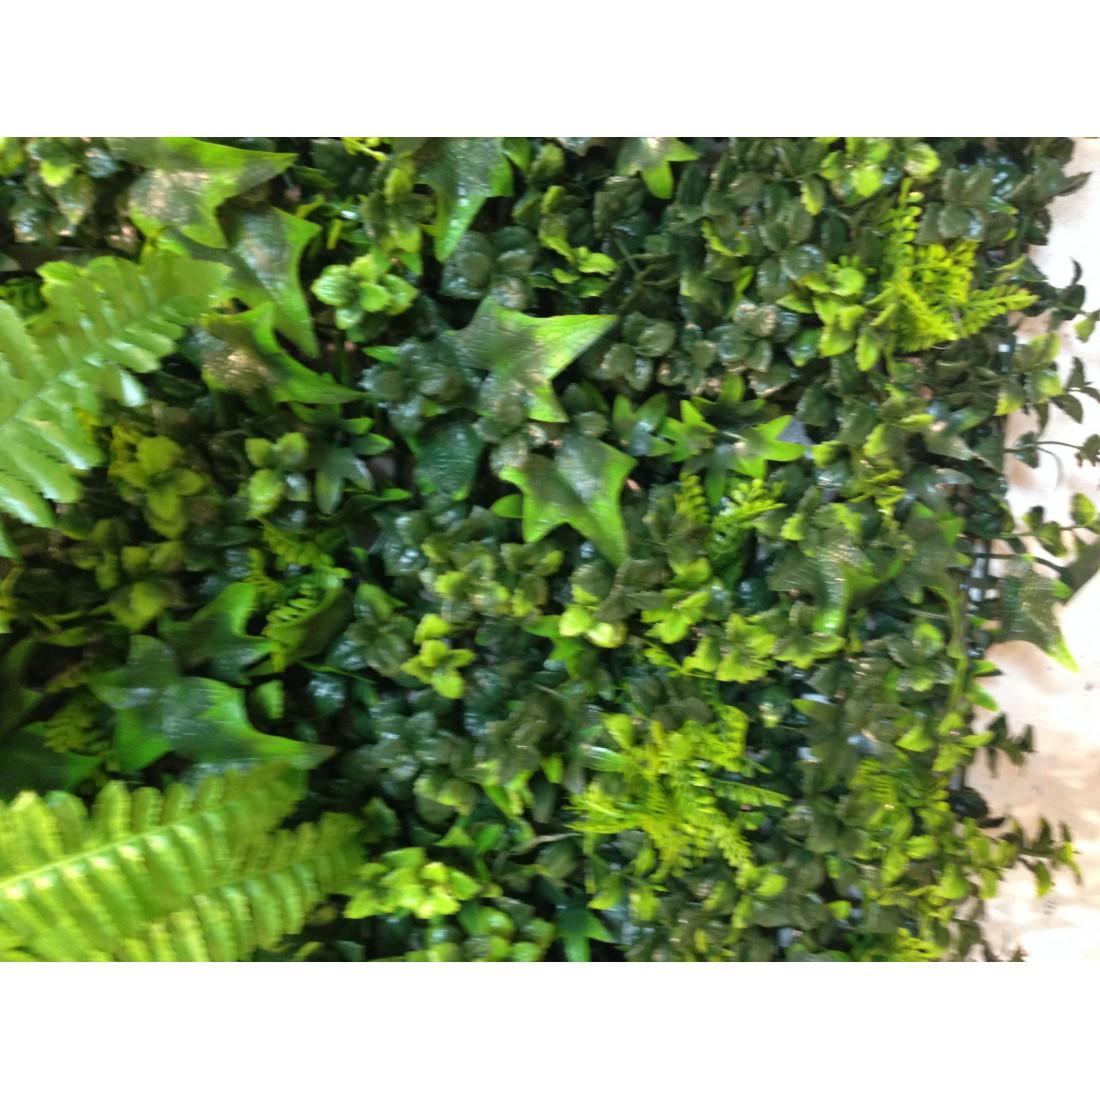 mur vegetal 100 x 100 cm pour exterieur reflets nature lyon. Black Bedroom Furniture Sets. Home Design Ideas